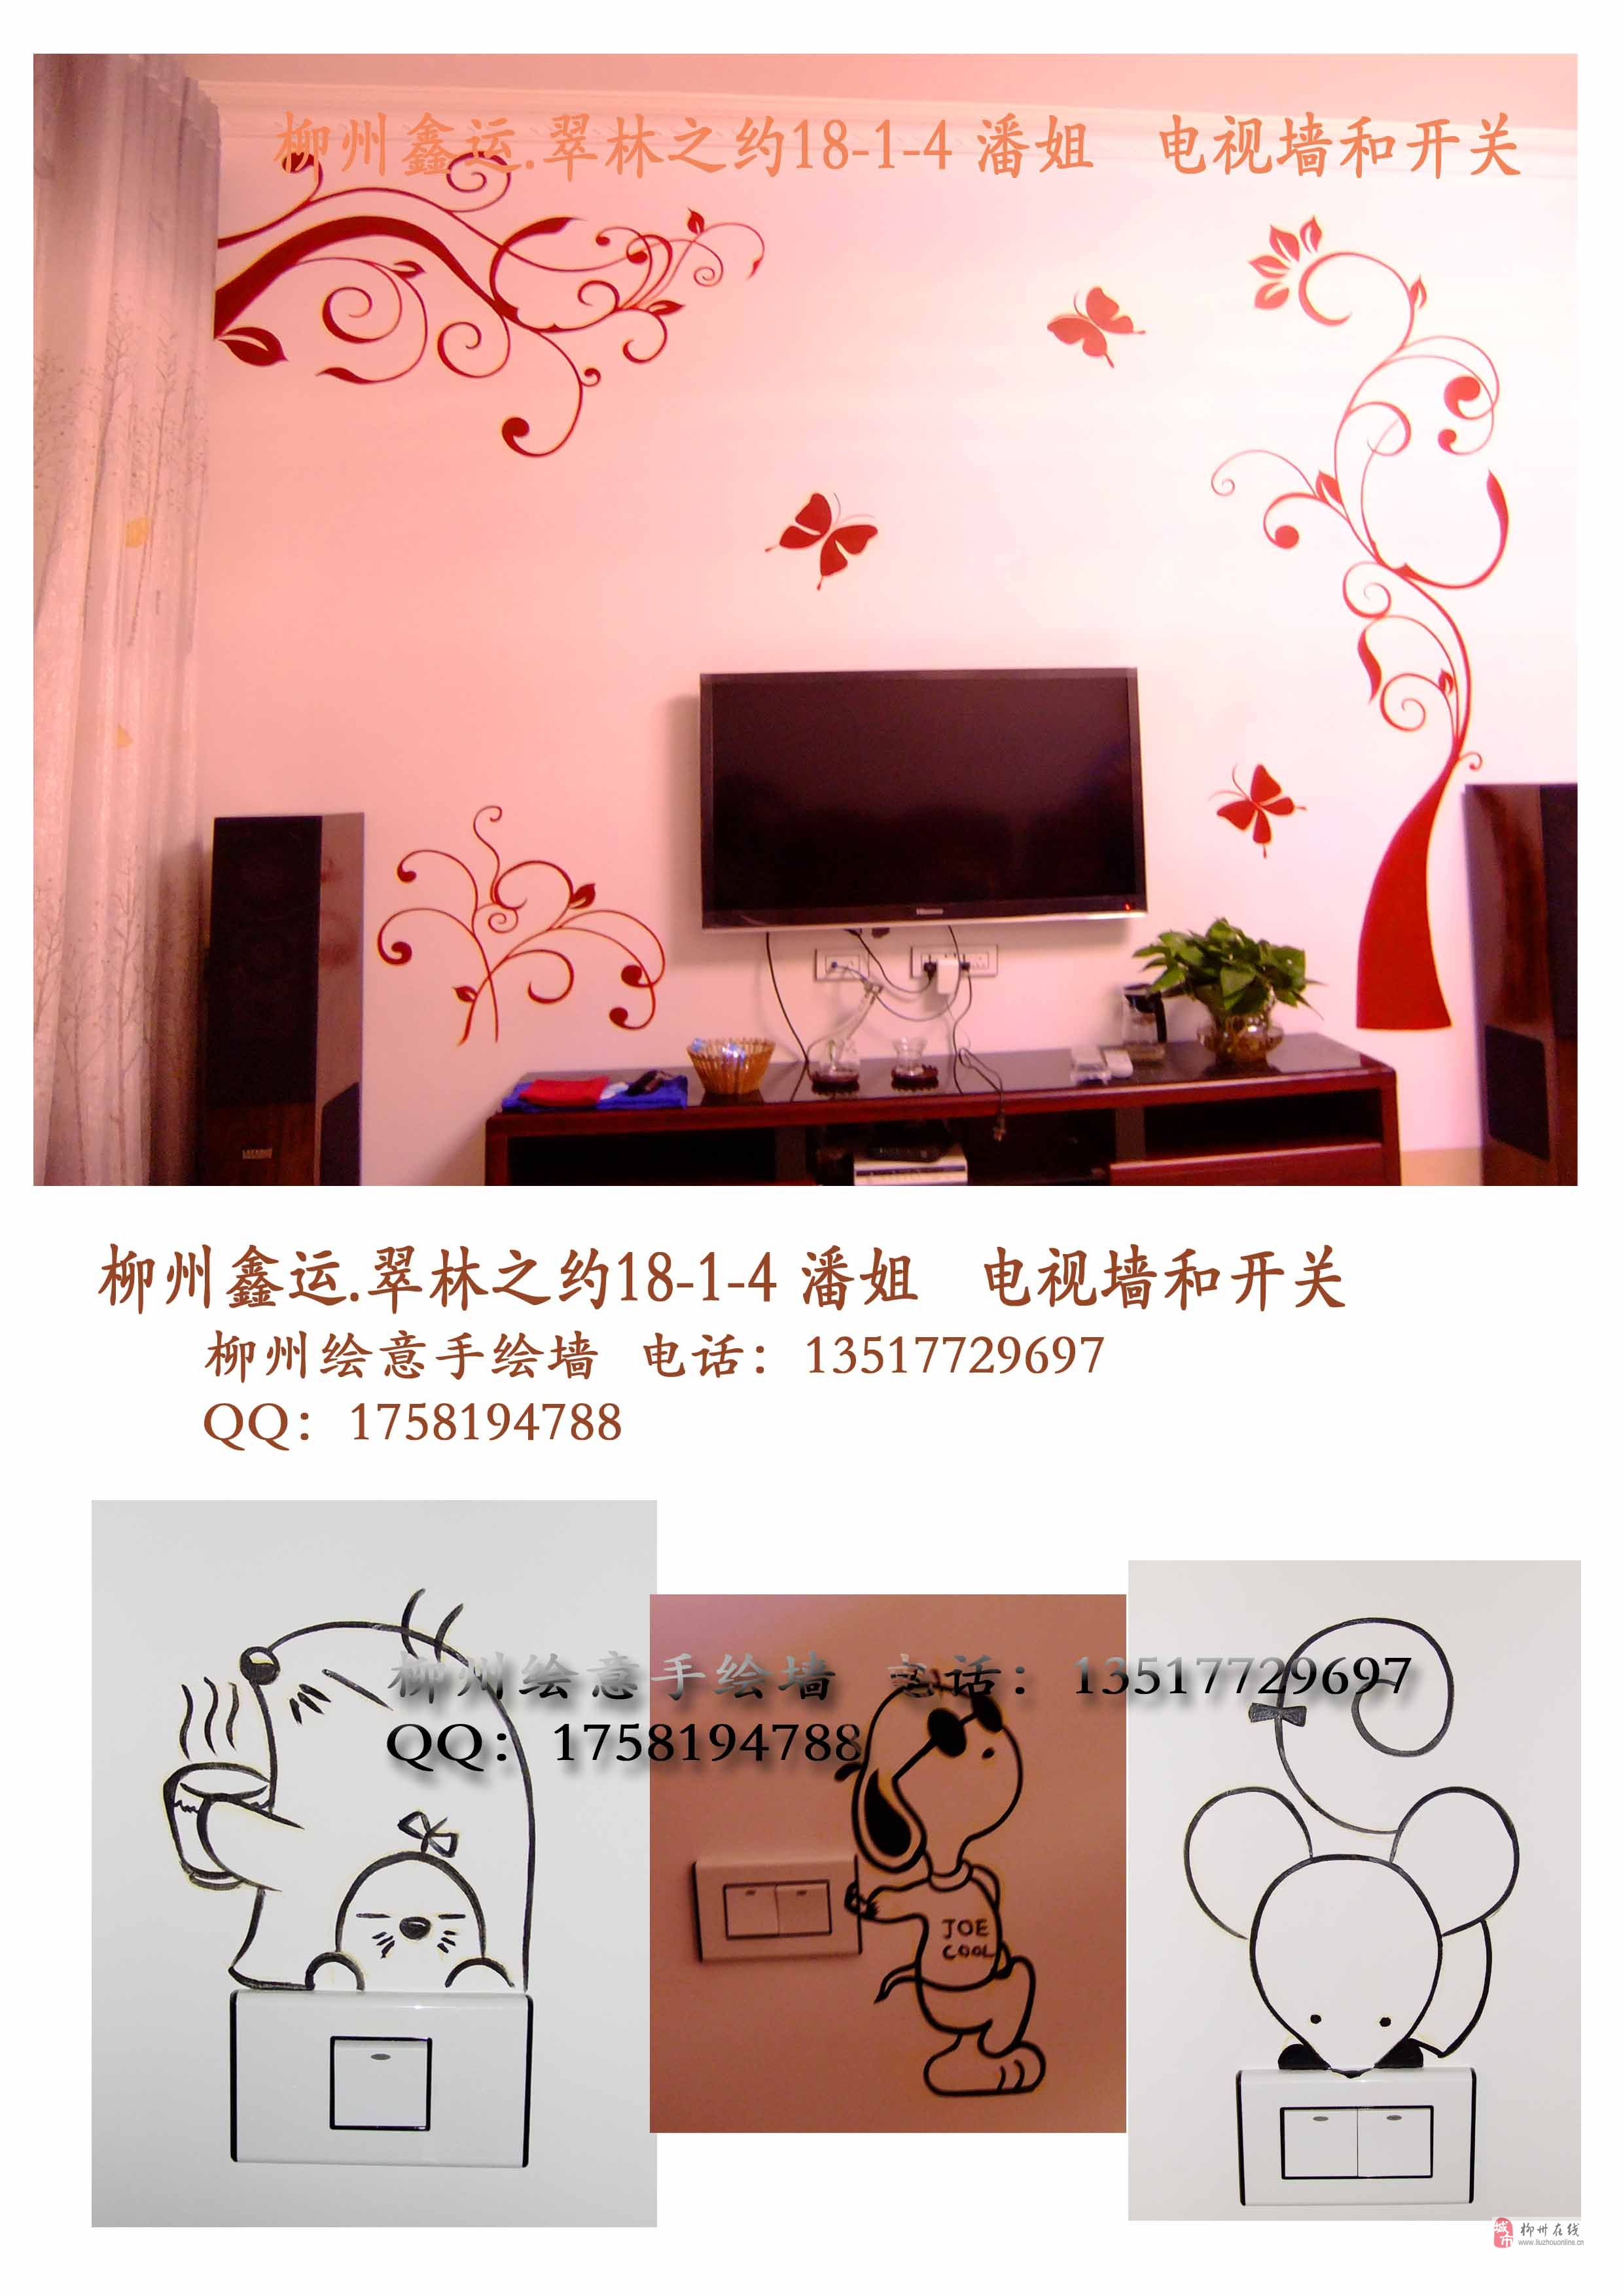 柳州墙绘 柳州手绘墙 柳州墙画柳州墙体彩绘柳州壁画